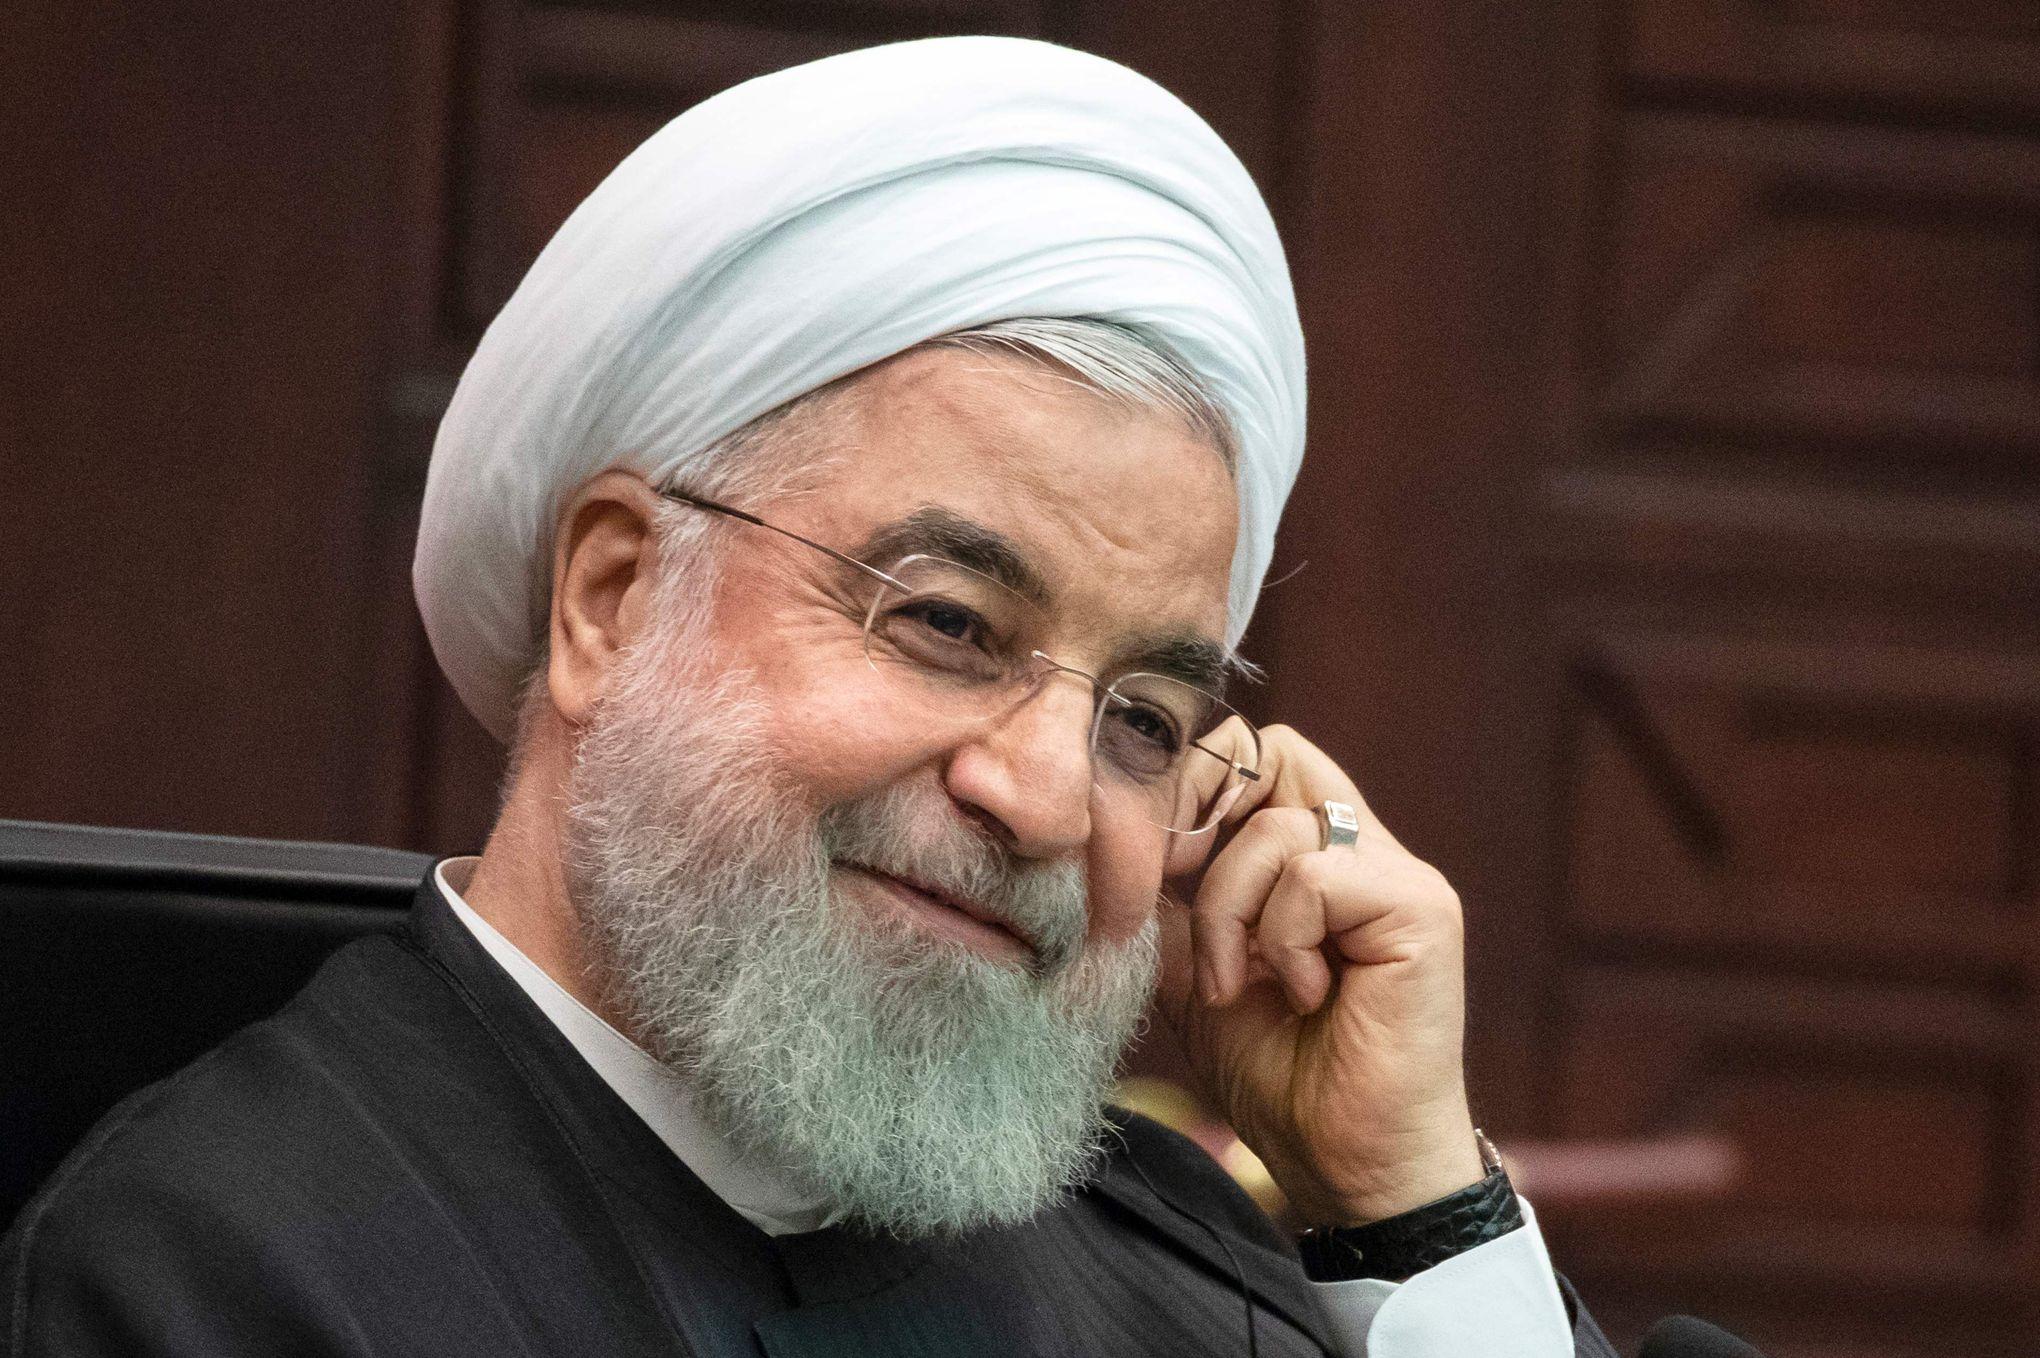 L'Iran peut-il à son tour exercer une «pression maximale» sur les États-Unis et leurs alliés?